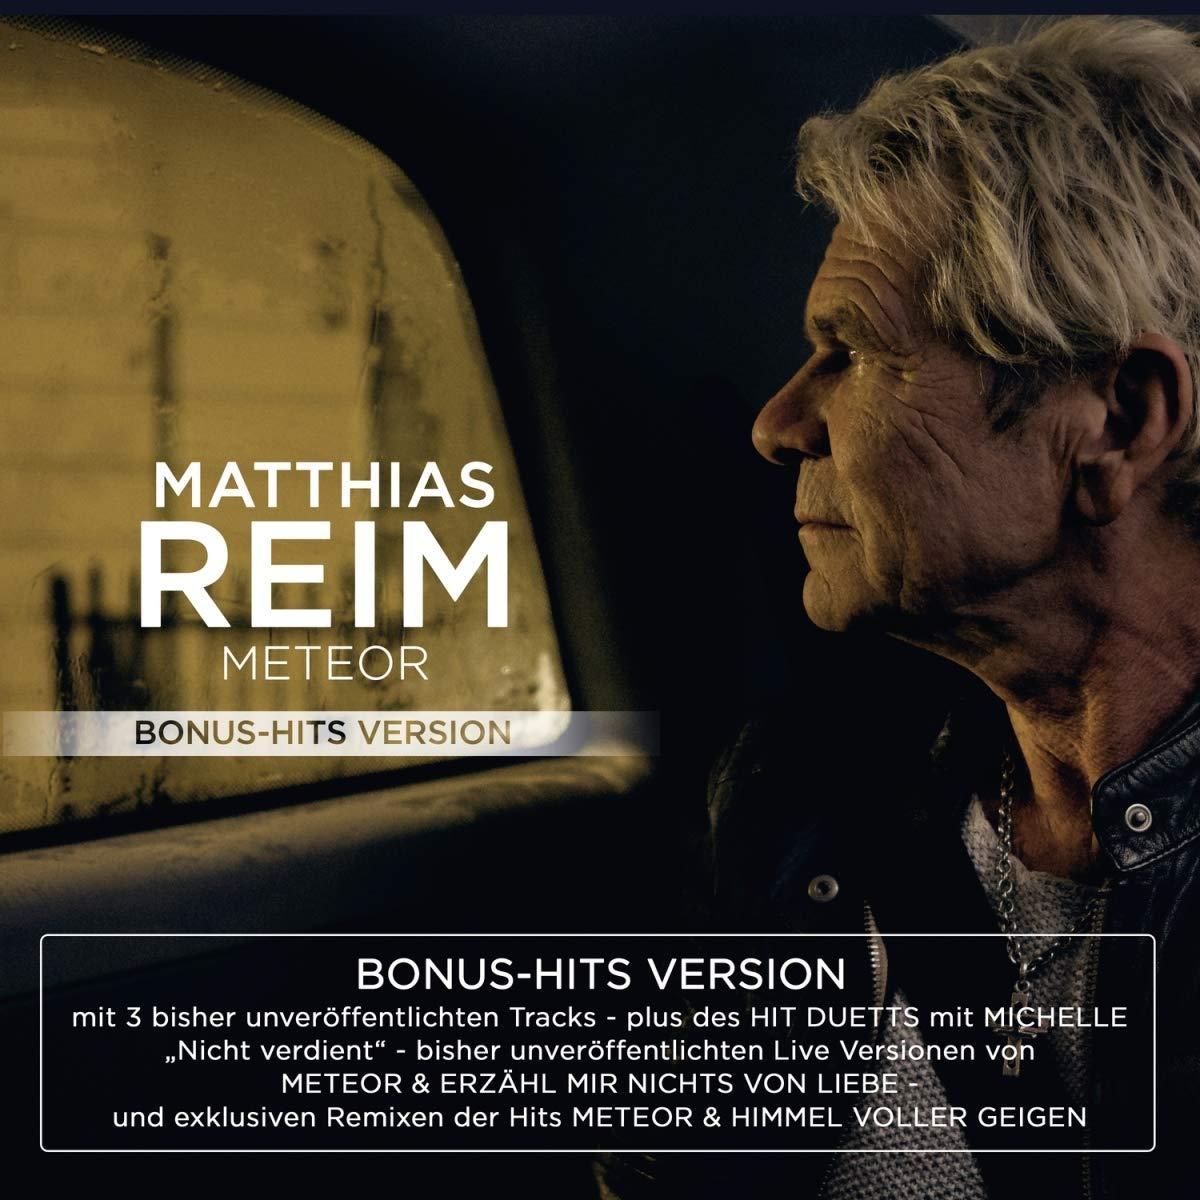 matthias reim neues album